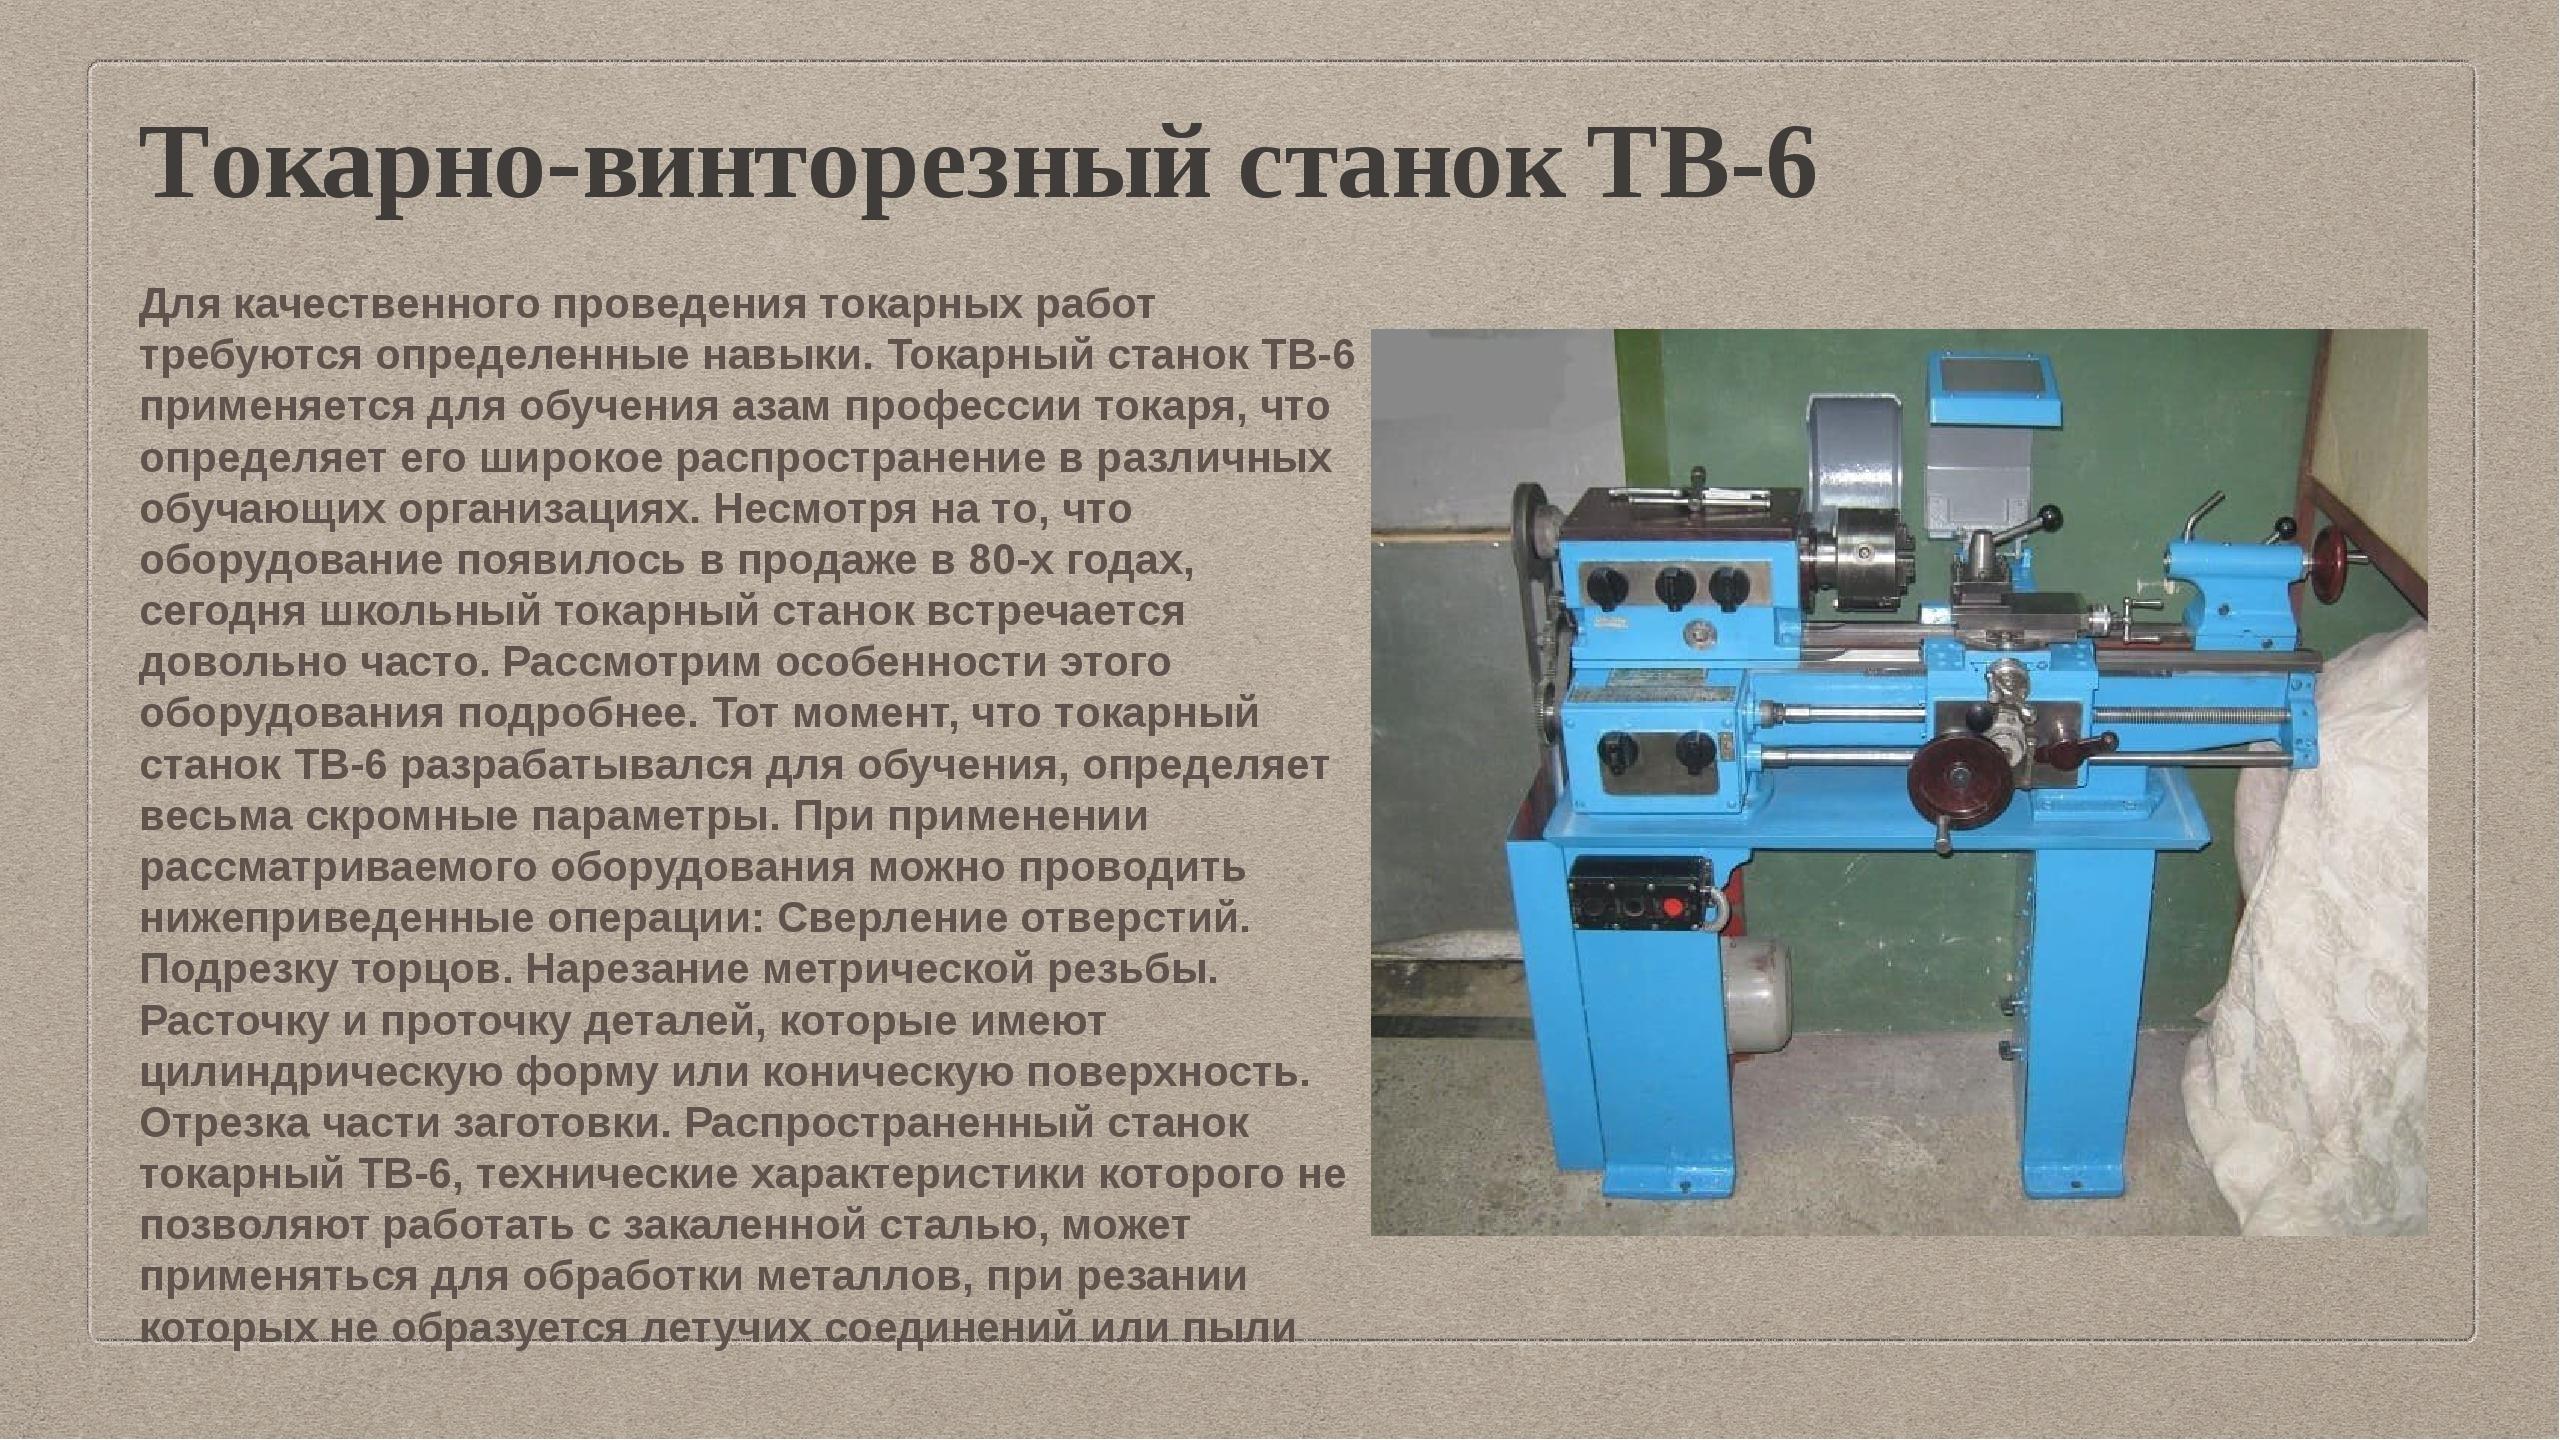 Токарный станок тв-6: технические характеристики, схемы, вид